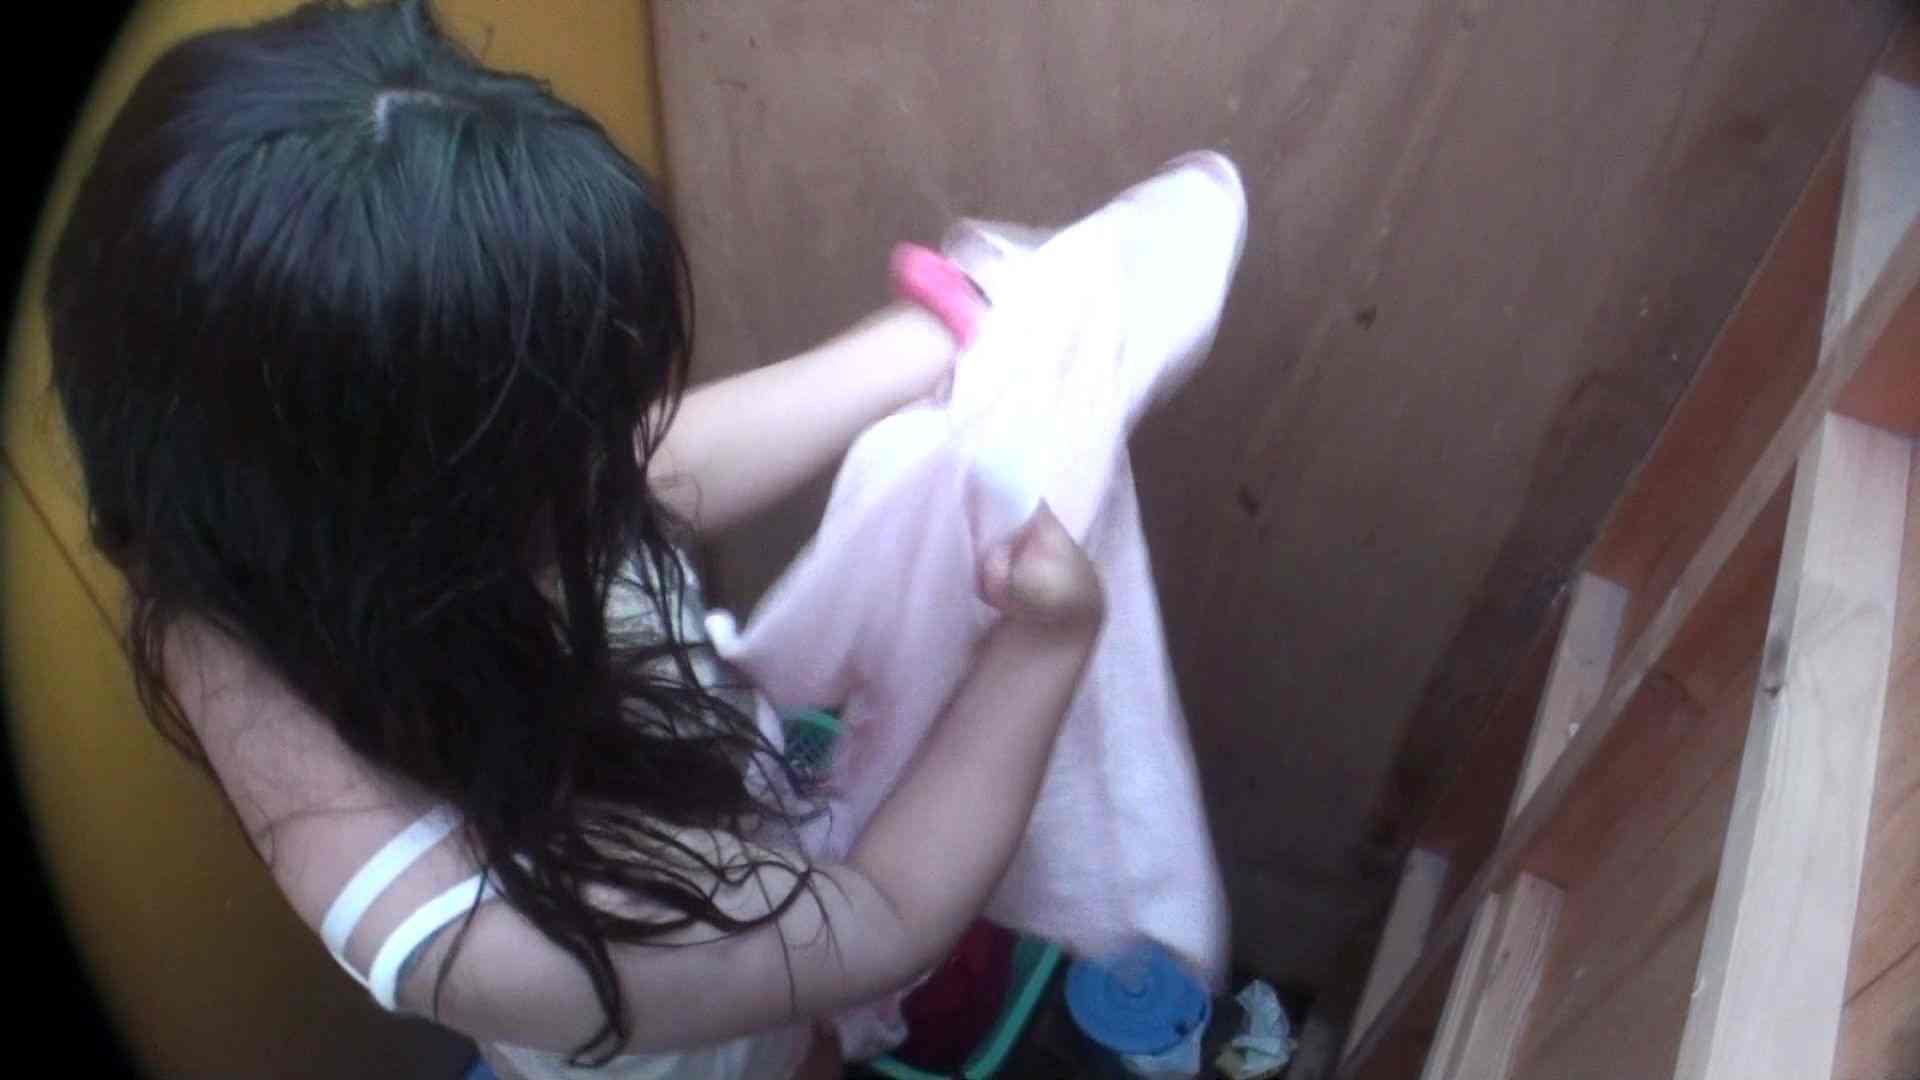 シャワールームは超!!危険な香りVol.13 ムッチムチのいやらしい身体つき OLエロ画像   シャワー  29PICs 25